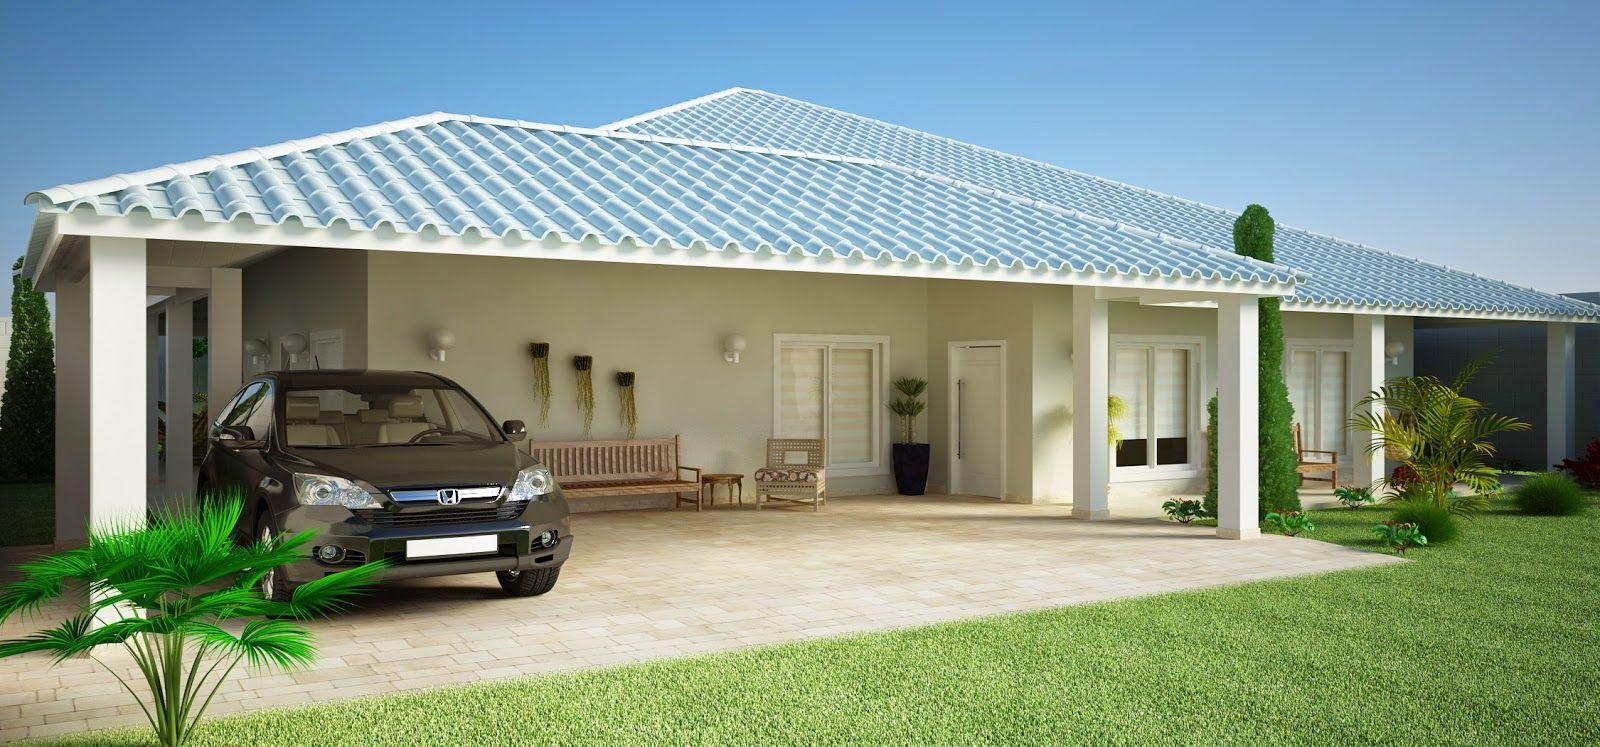 Modelo casa campo hemos modelos de casas de campo - Modelos de casas de campo ...